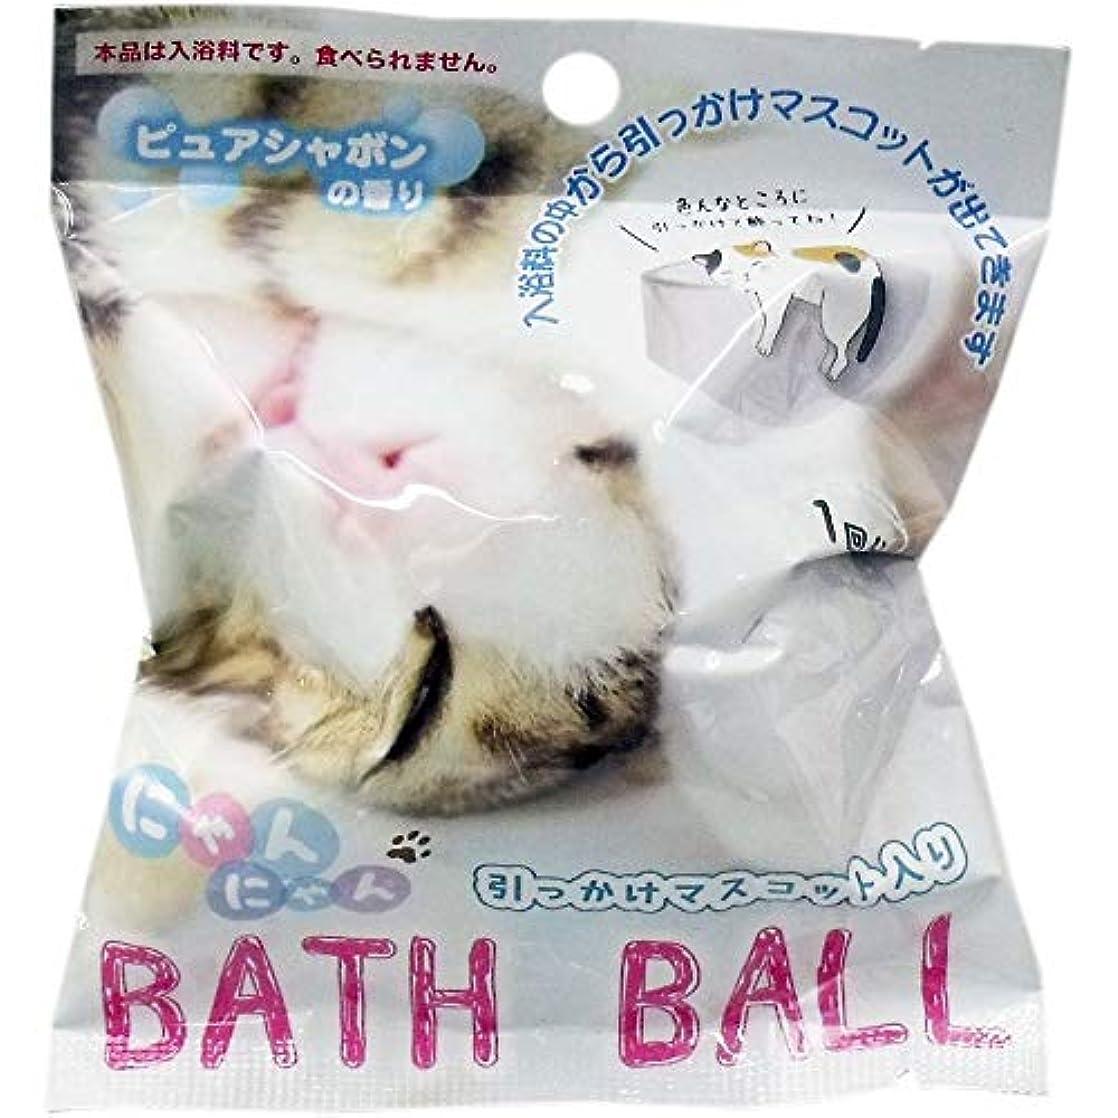 おじさんのりモーター【2個セット】 バスボール 入浴剤 中身はおまかせ 動物 にゃんにゃん ネコ 全5種 ピュアシャボンの香り